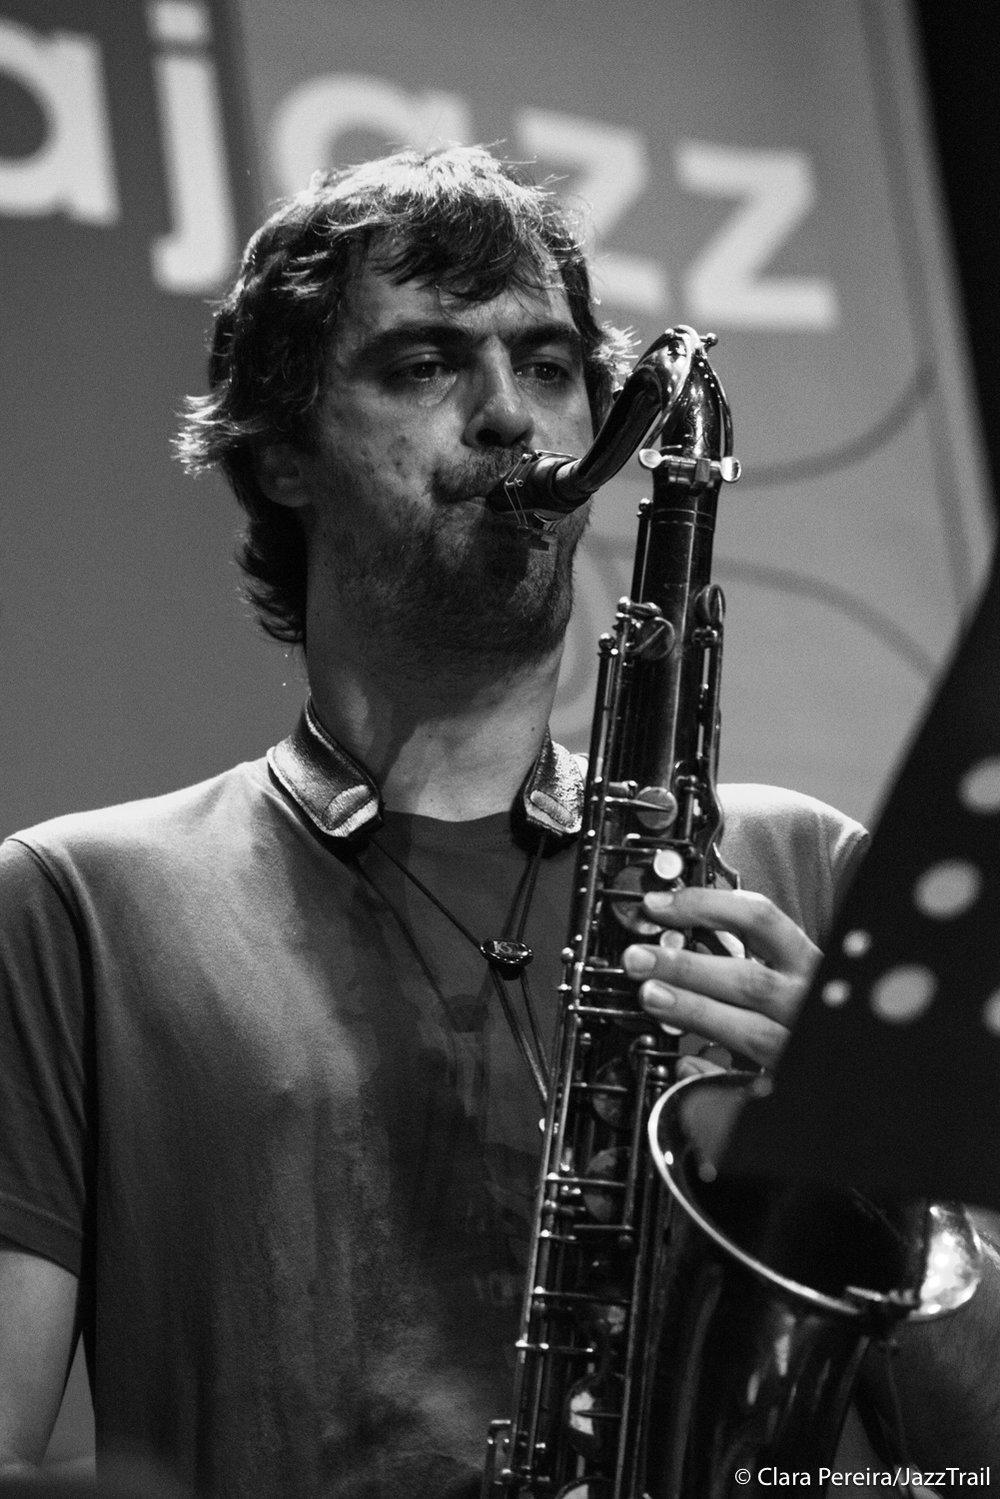 Jose Pedro Coelho, 2017